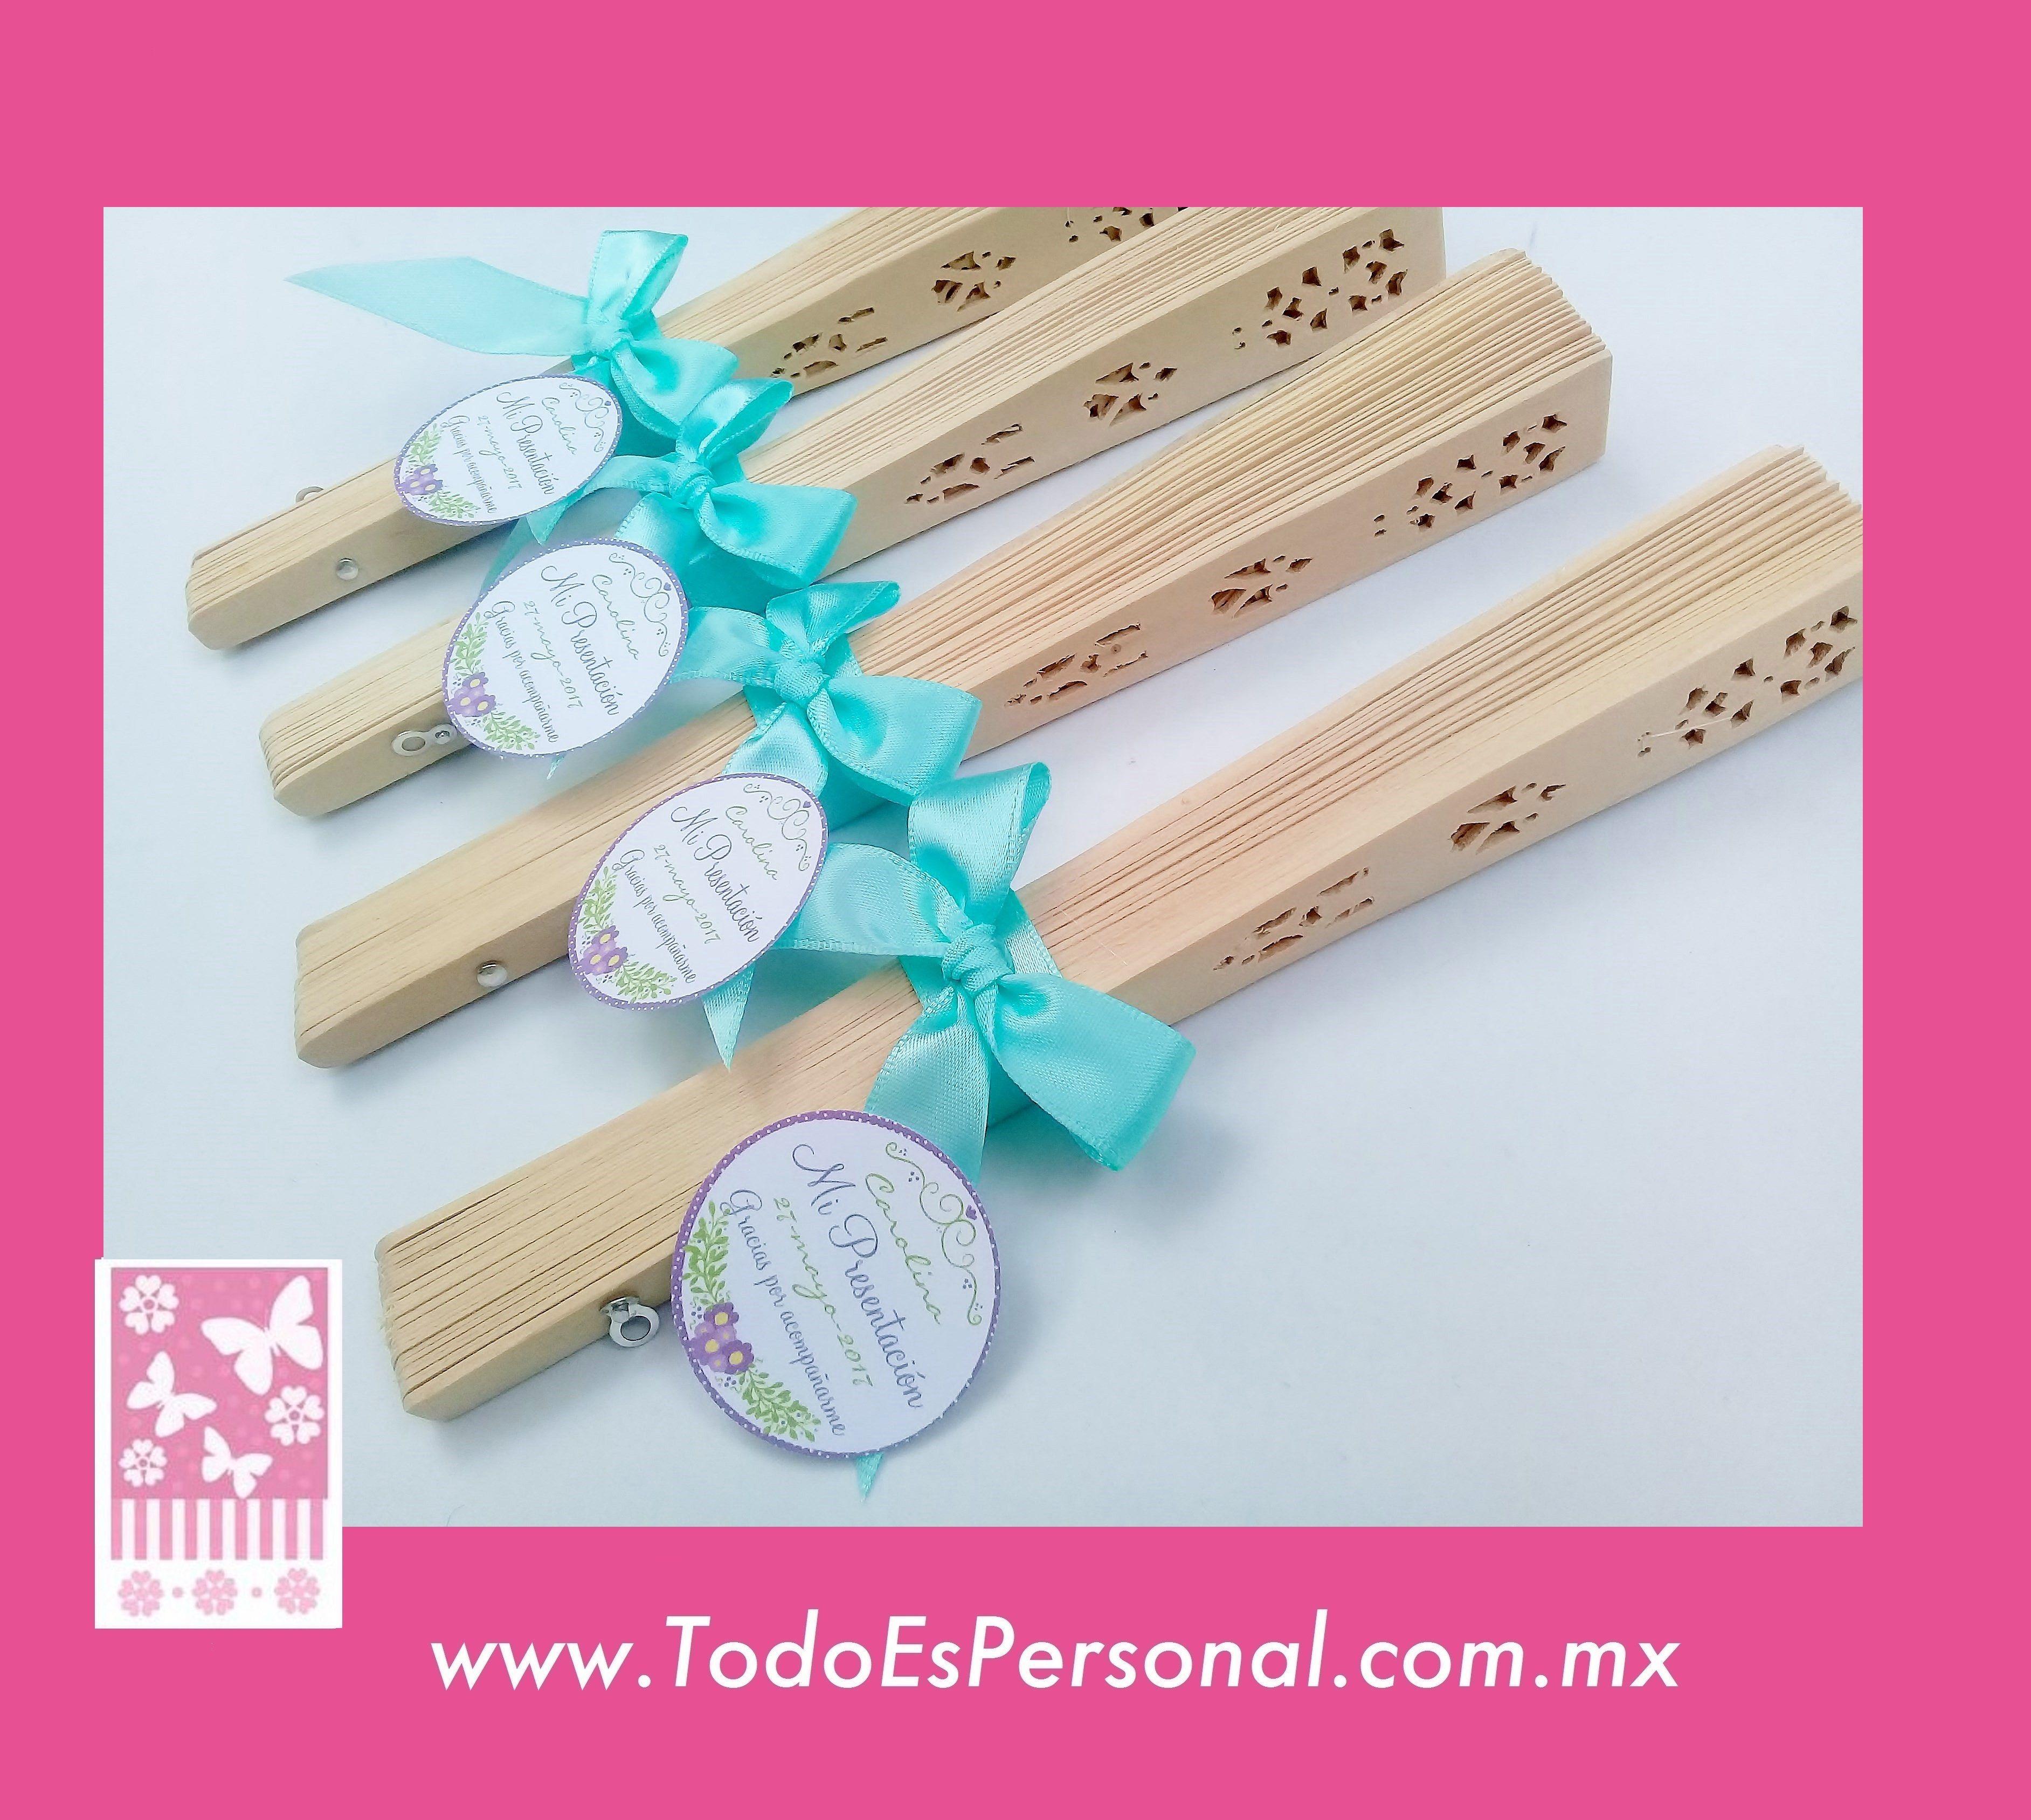 abanicos de madera para presentacion 3 a±os detalles evento calor